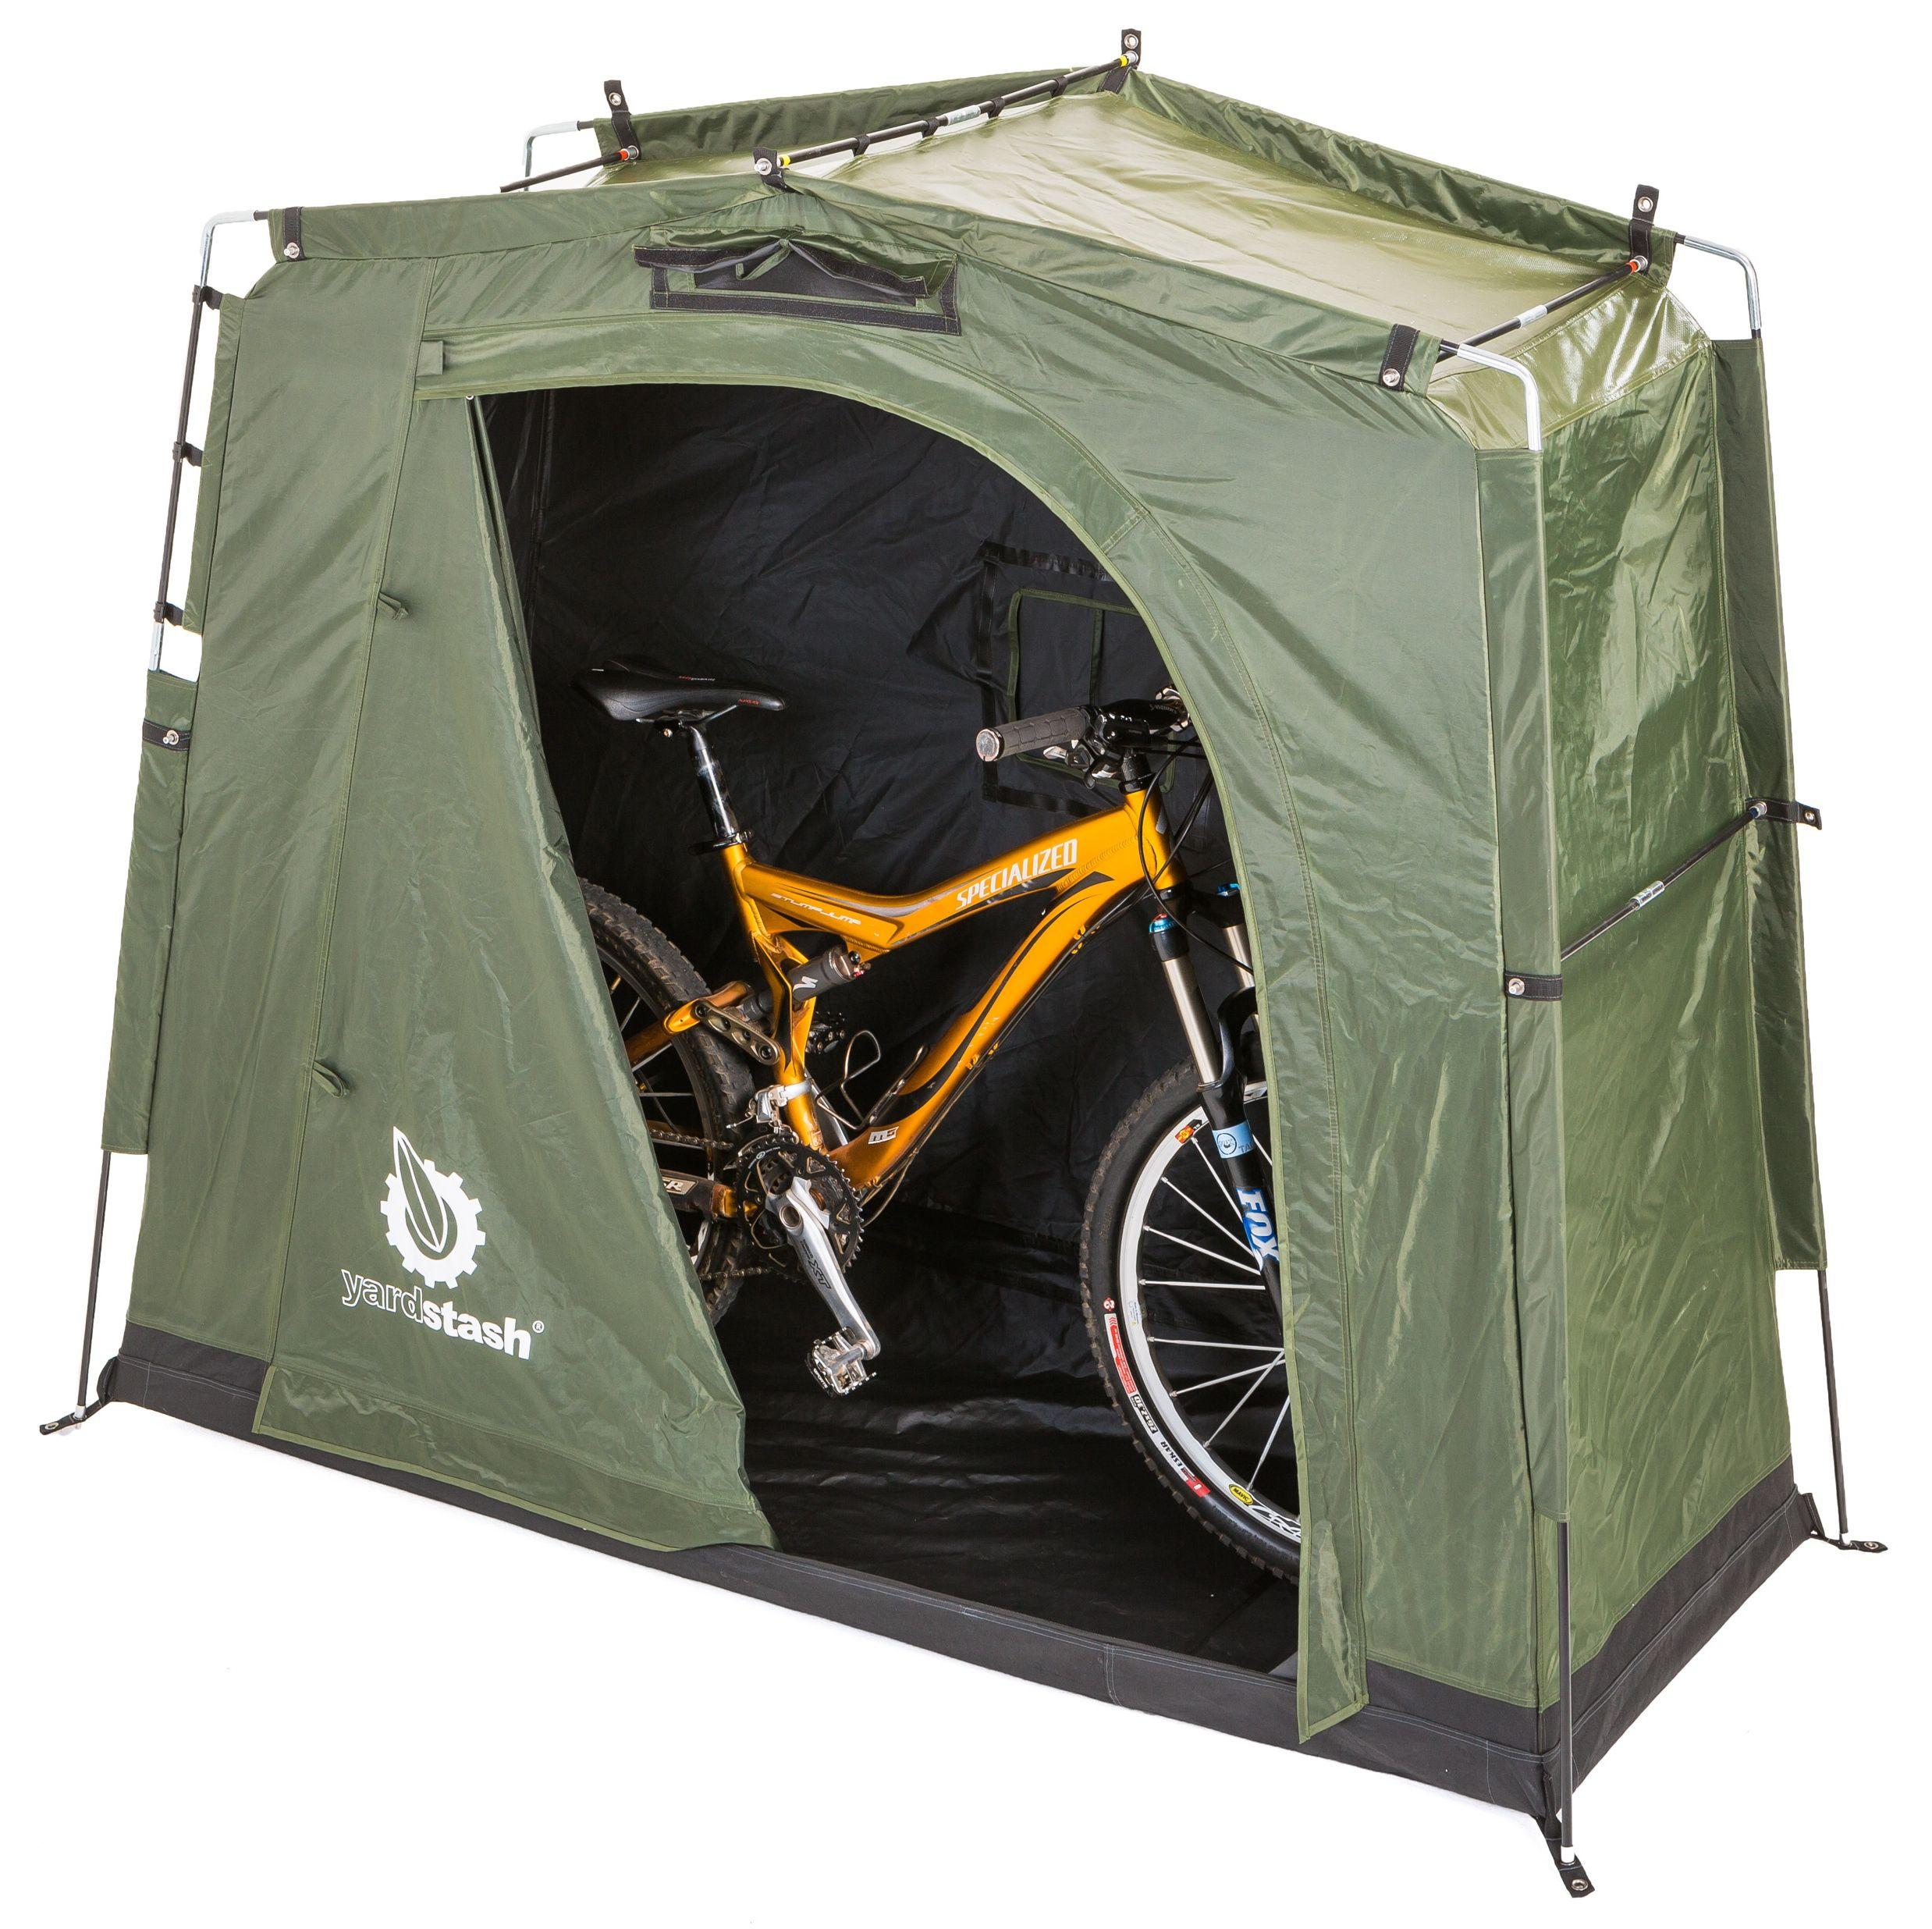 The New YardStash III   Space Saving Outdoor Storage For Two Bikes. Full  Zip Door